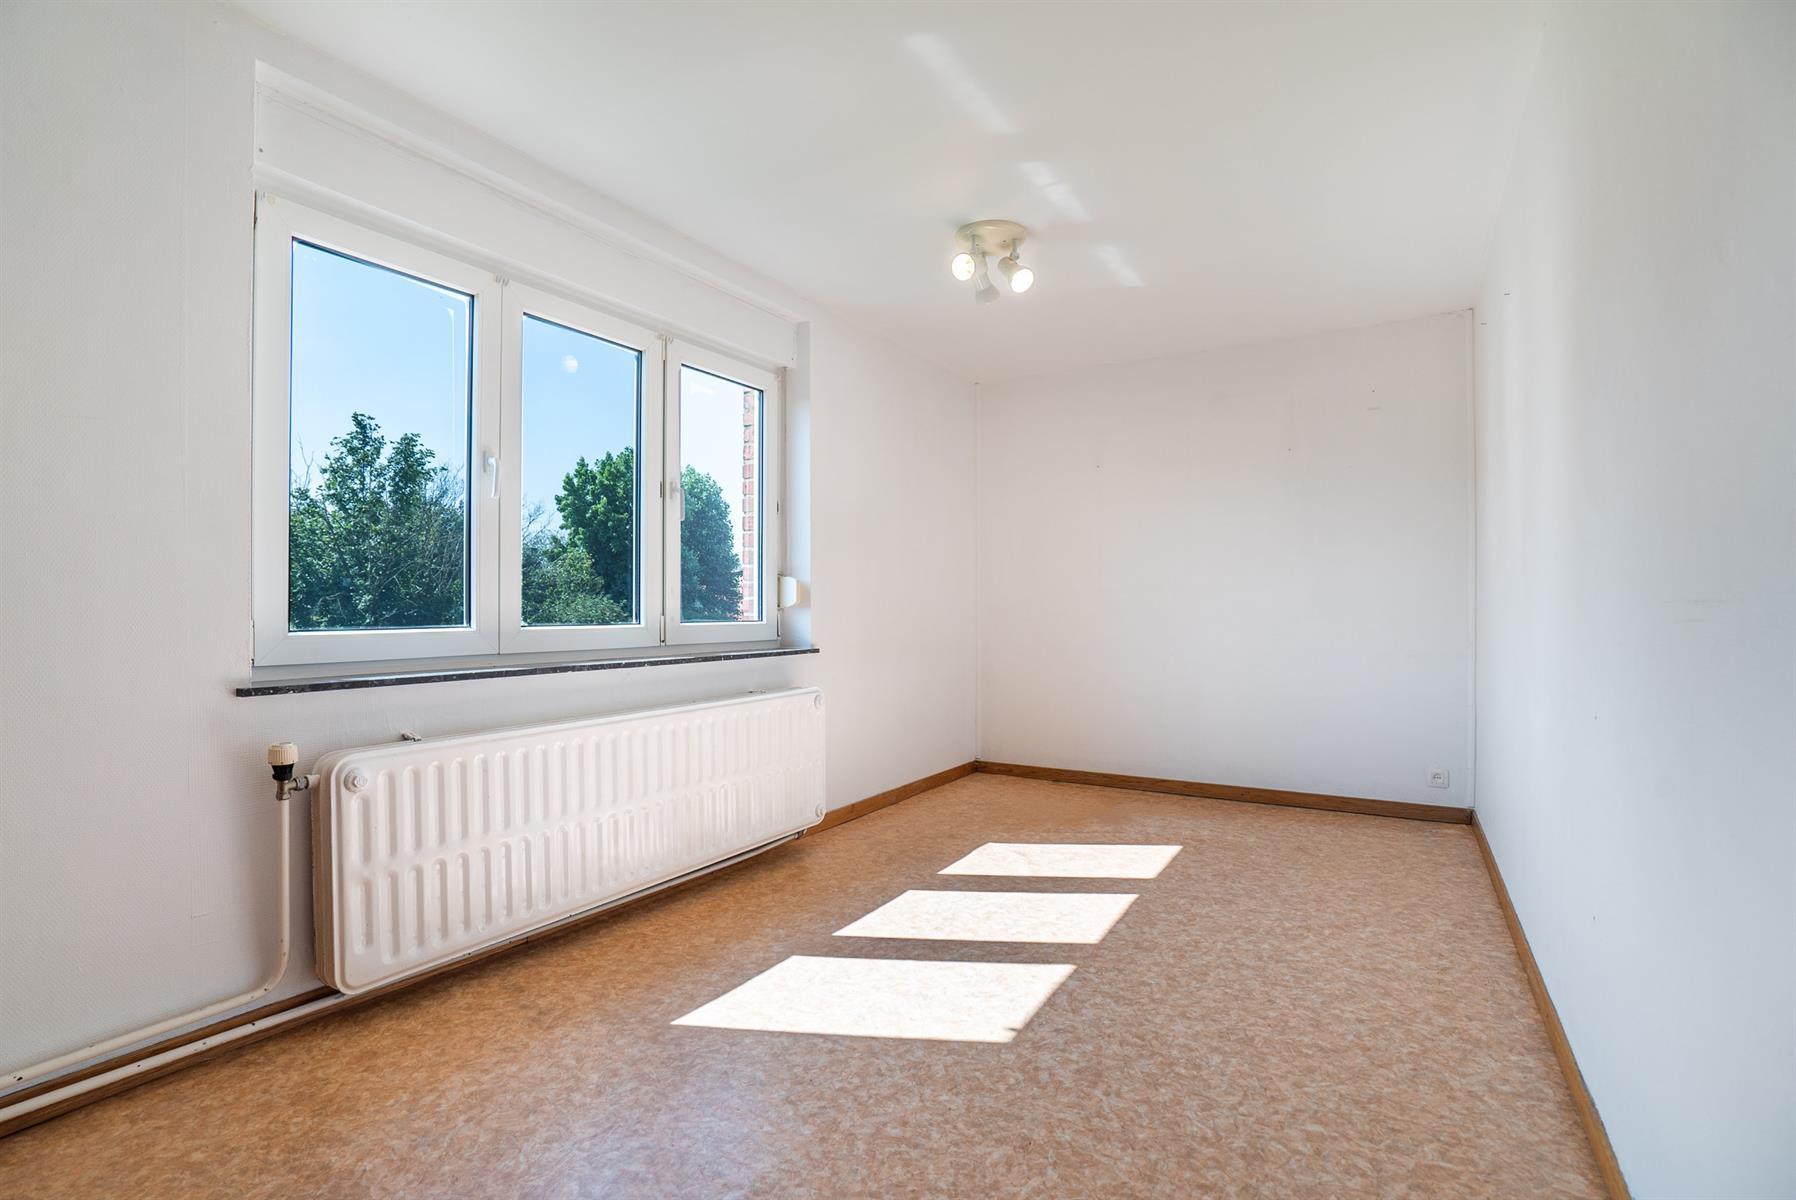 Maison - Verviers Stembert - #4406533-9